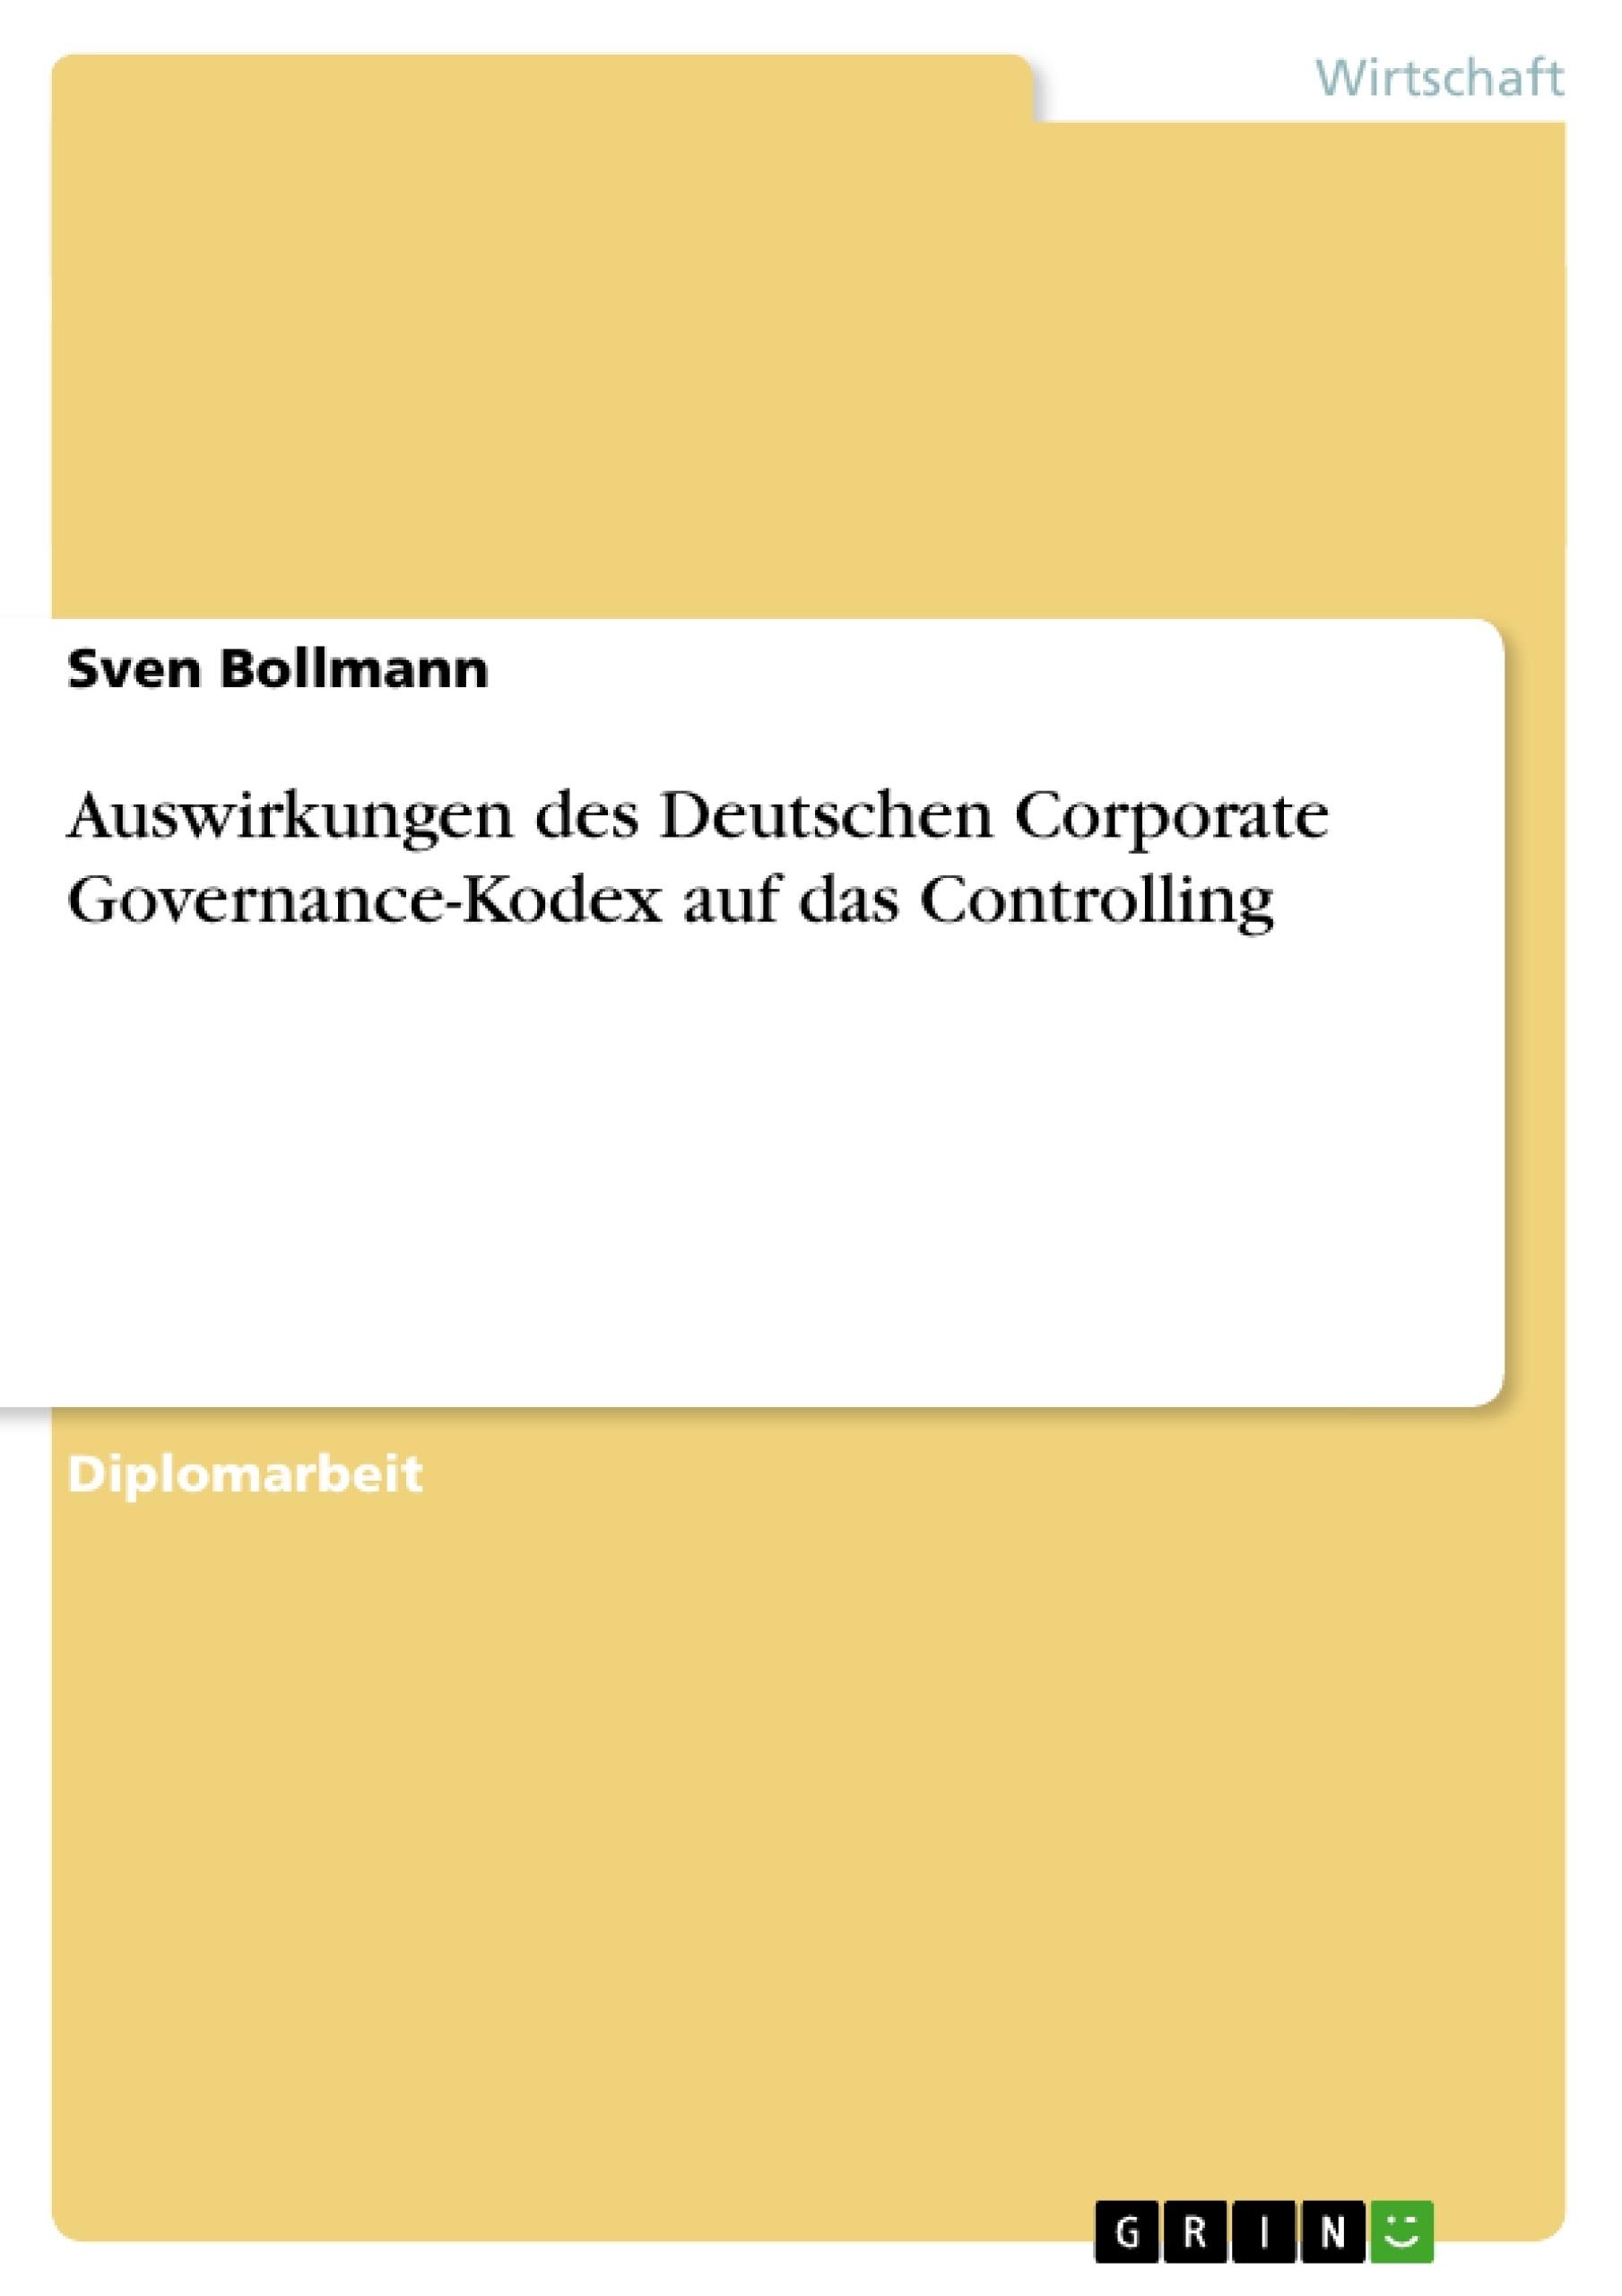 Titel: Auswirkungen des Deutschen Corporate Governance-Kodex auf das Controlling